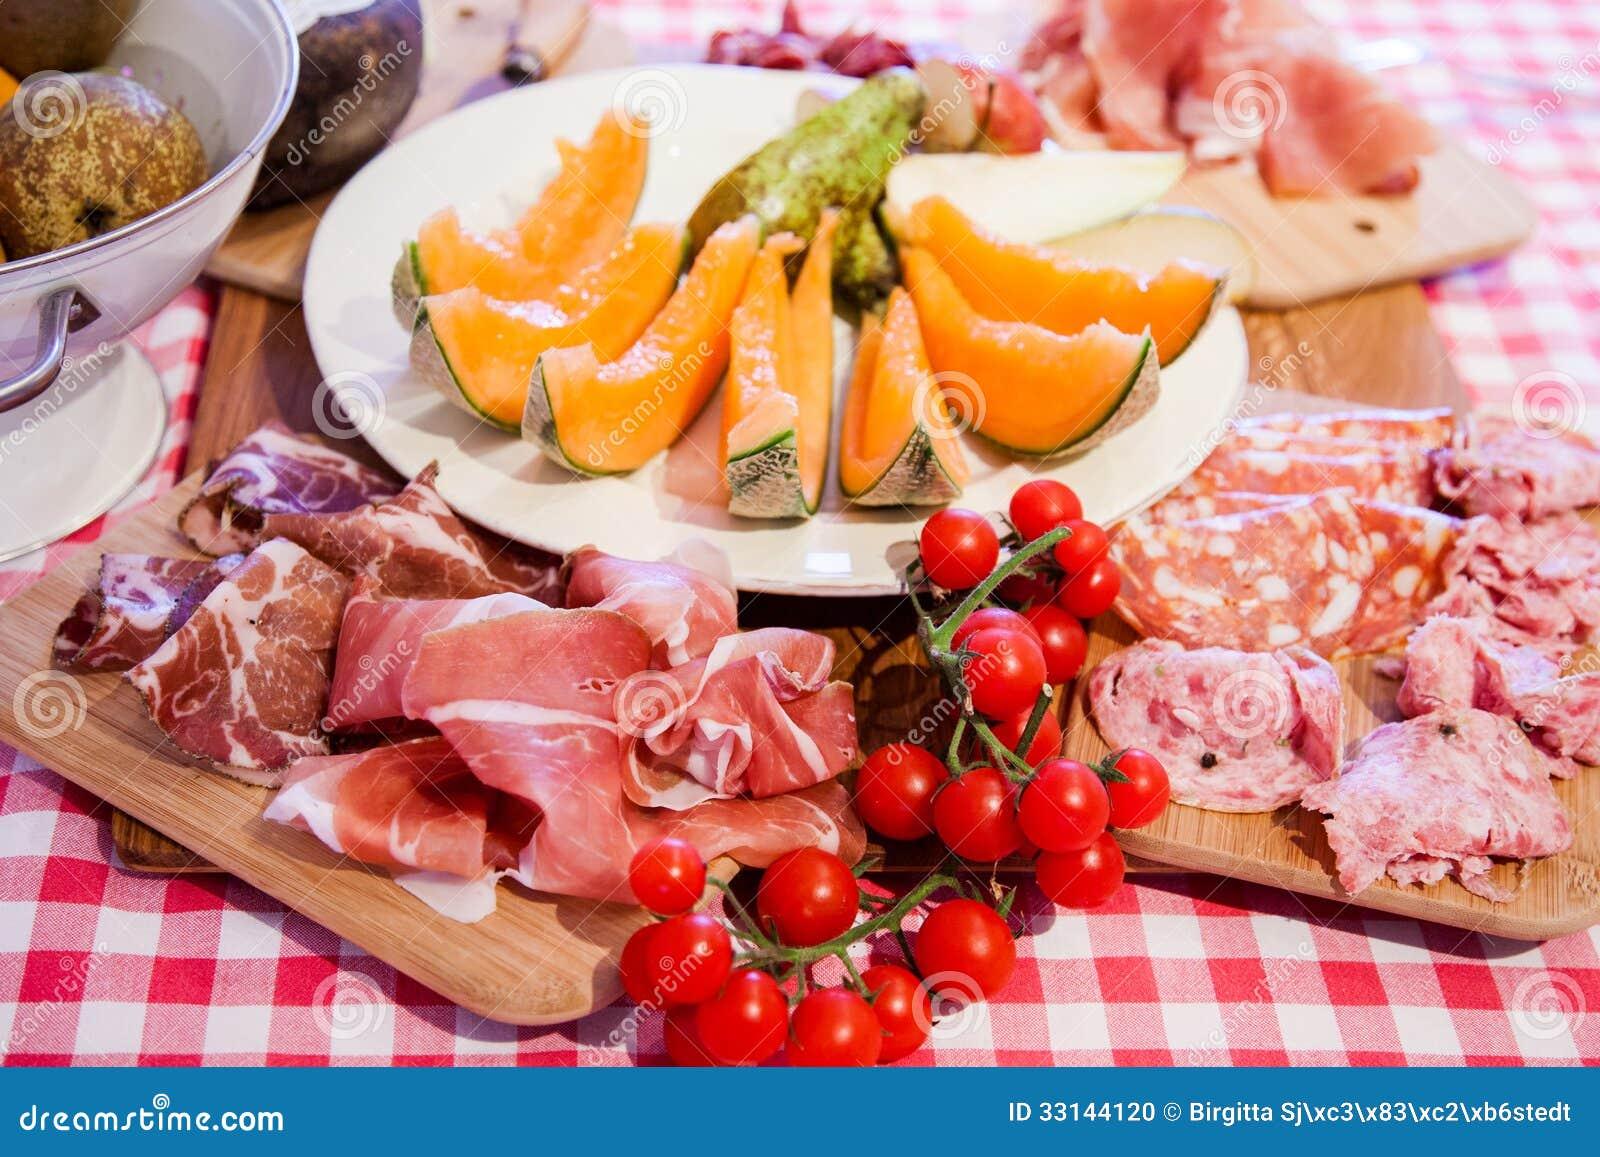 Cucina tipica della toscana con il prosciutto di parma il